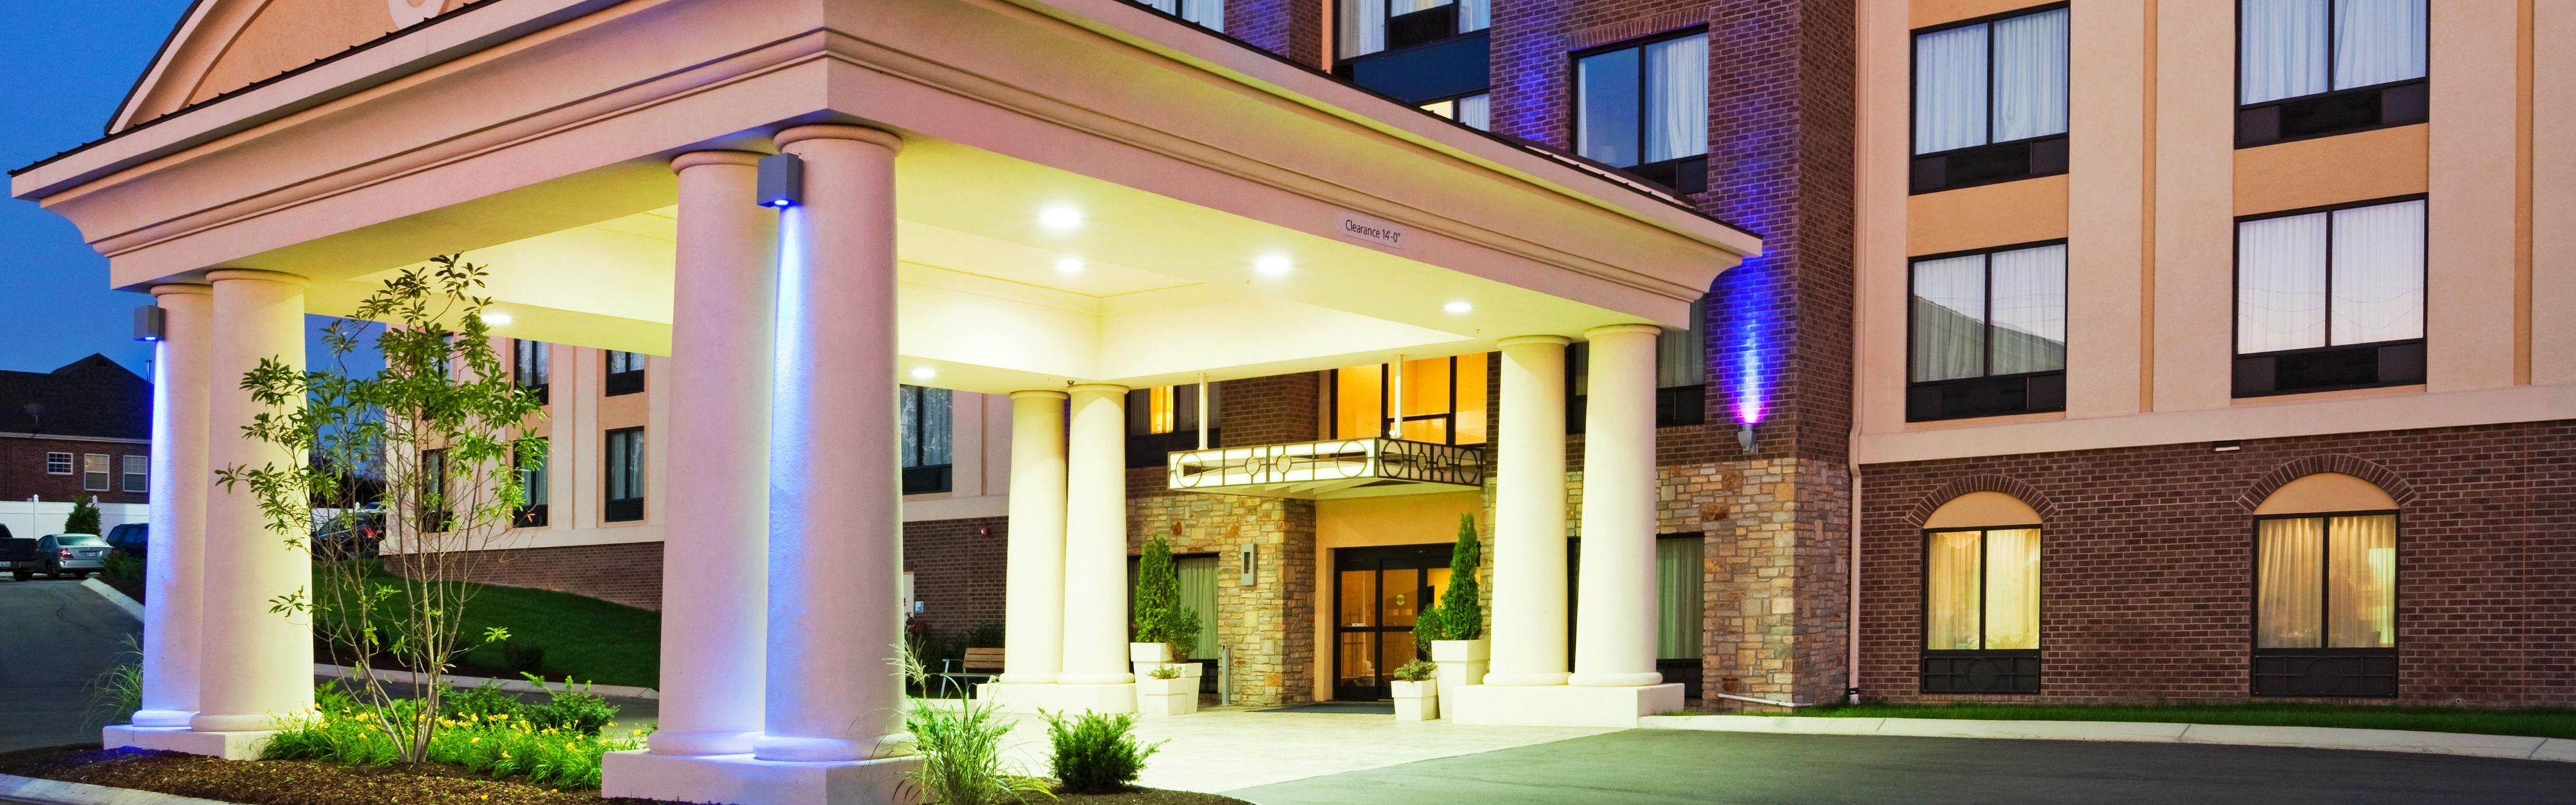 Holiday Inn Express & Suites Smyrna-Nashville Area image 0